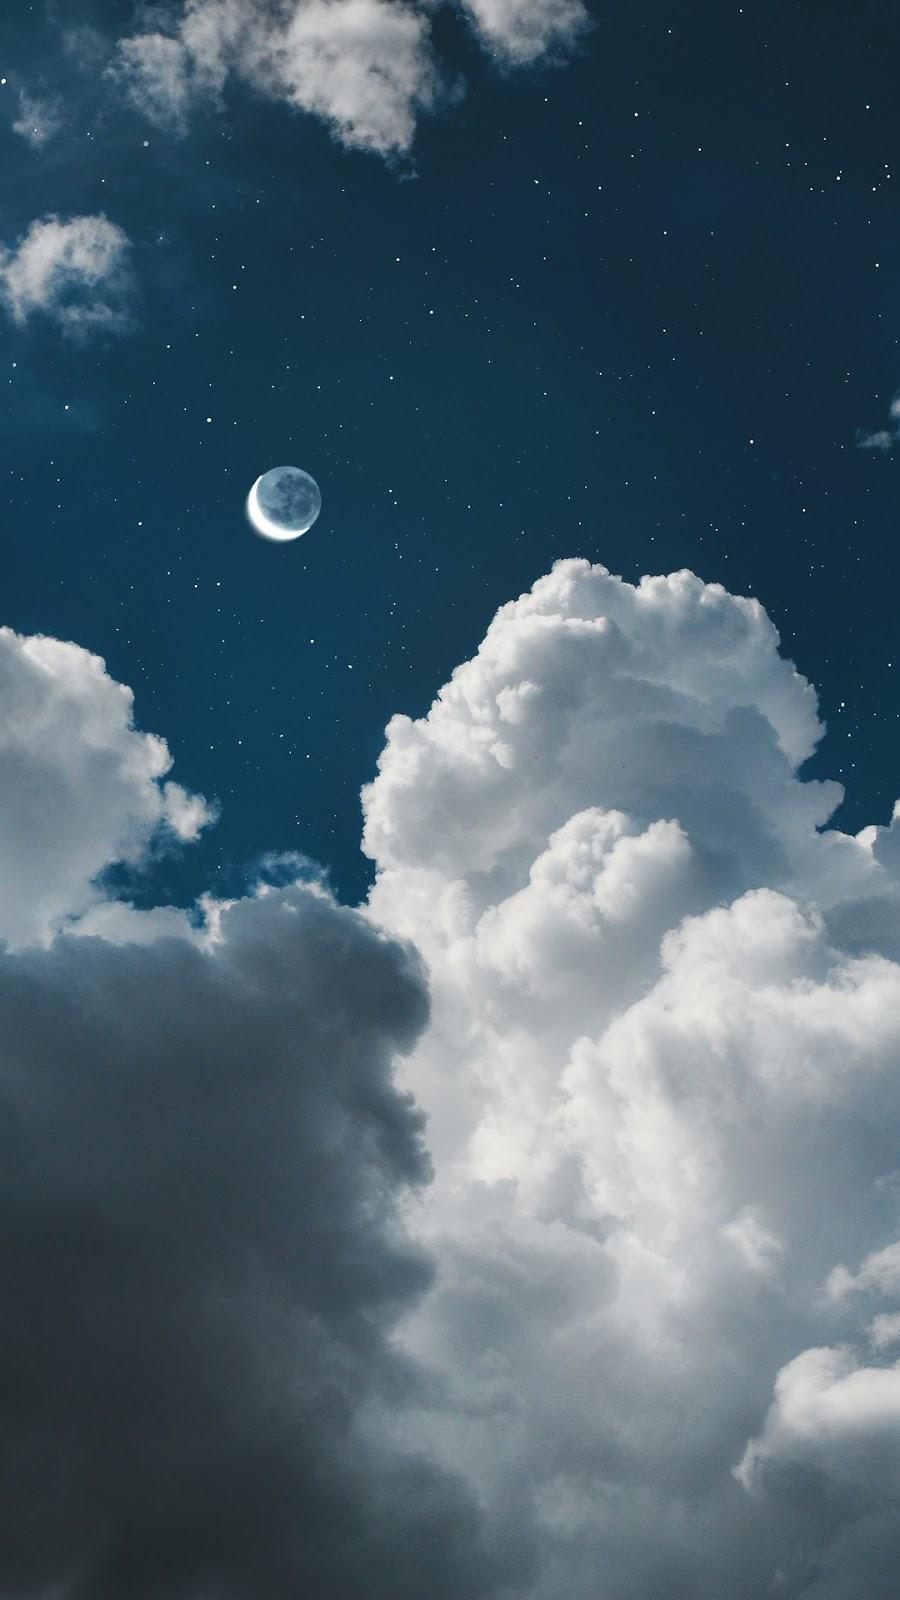 Bầu trời với 2 mặt trăng siêu đẹp